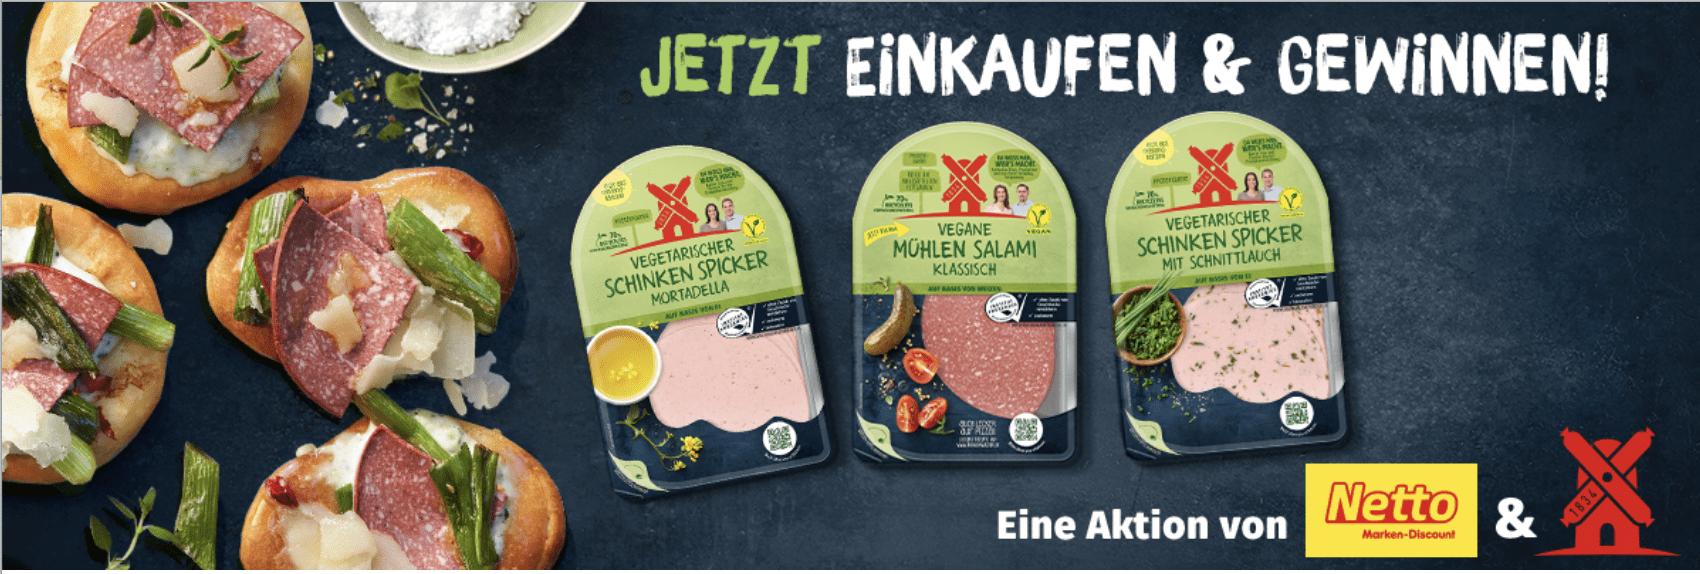 Gewinnspiel-Cases FMCG Food Rügenwalder netto